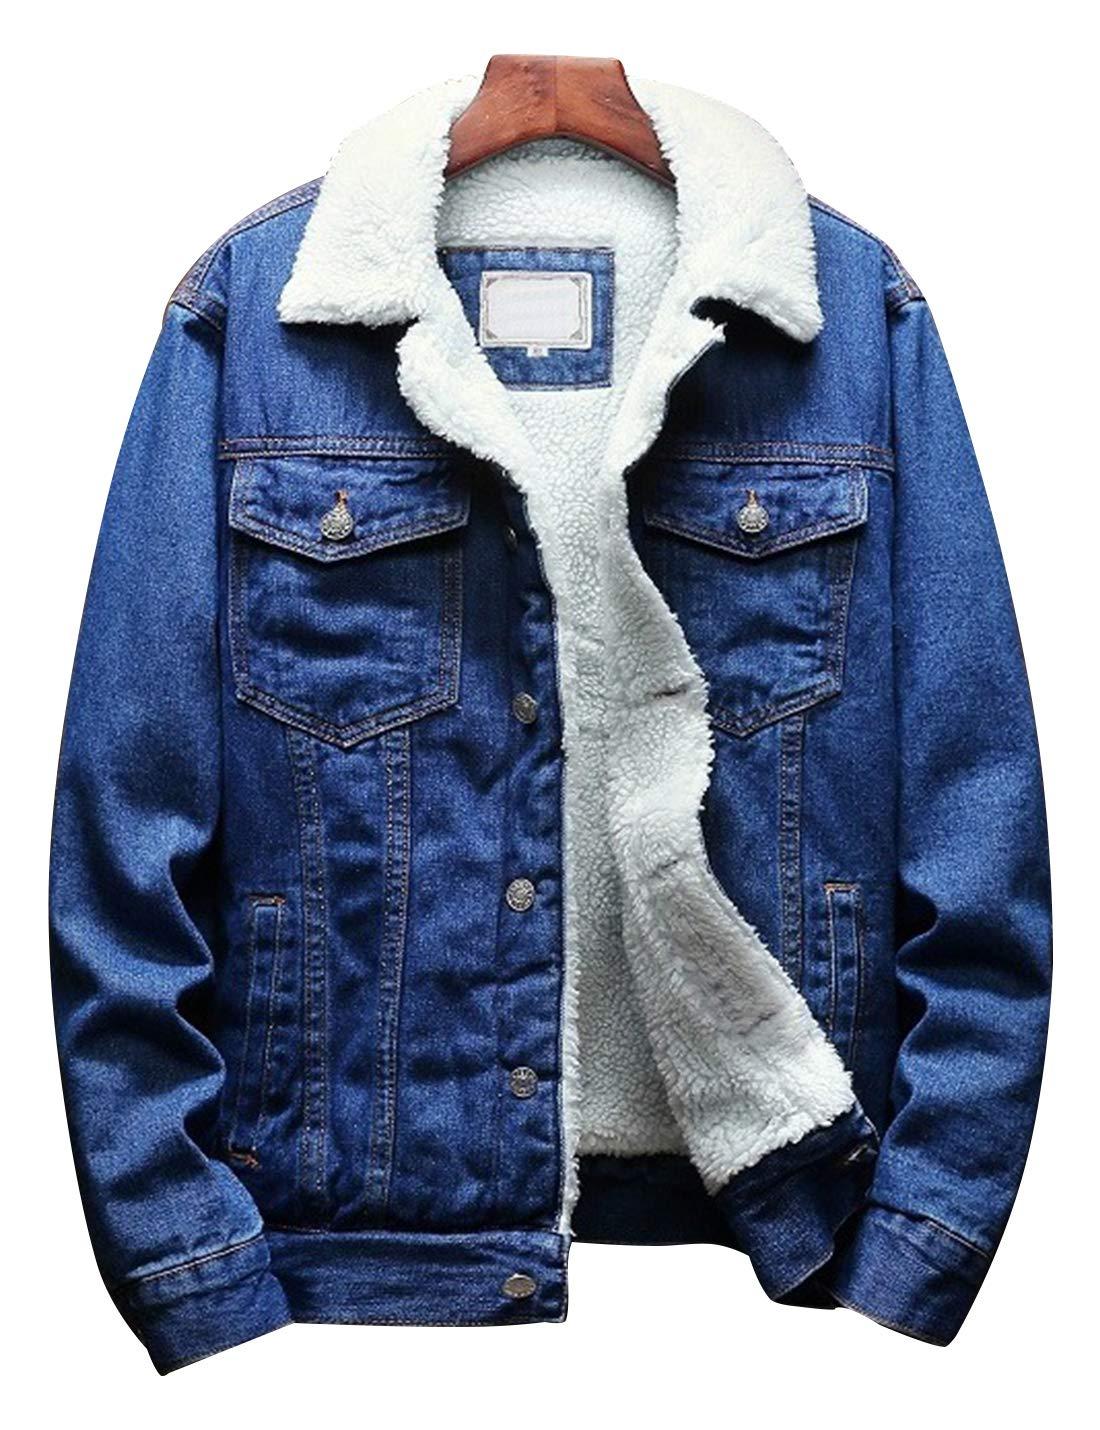 Omoone Men's Lapel Sherpa Fleece Lined Thicken Denim Jean Trucker Jacket Coats (Dark Blue Fleece White, XL) by Omoone